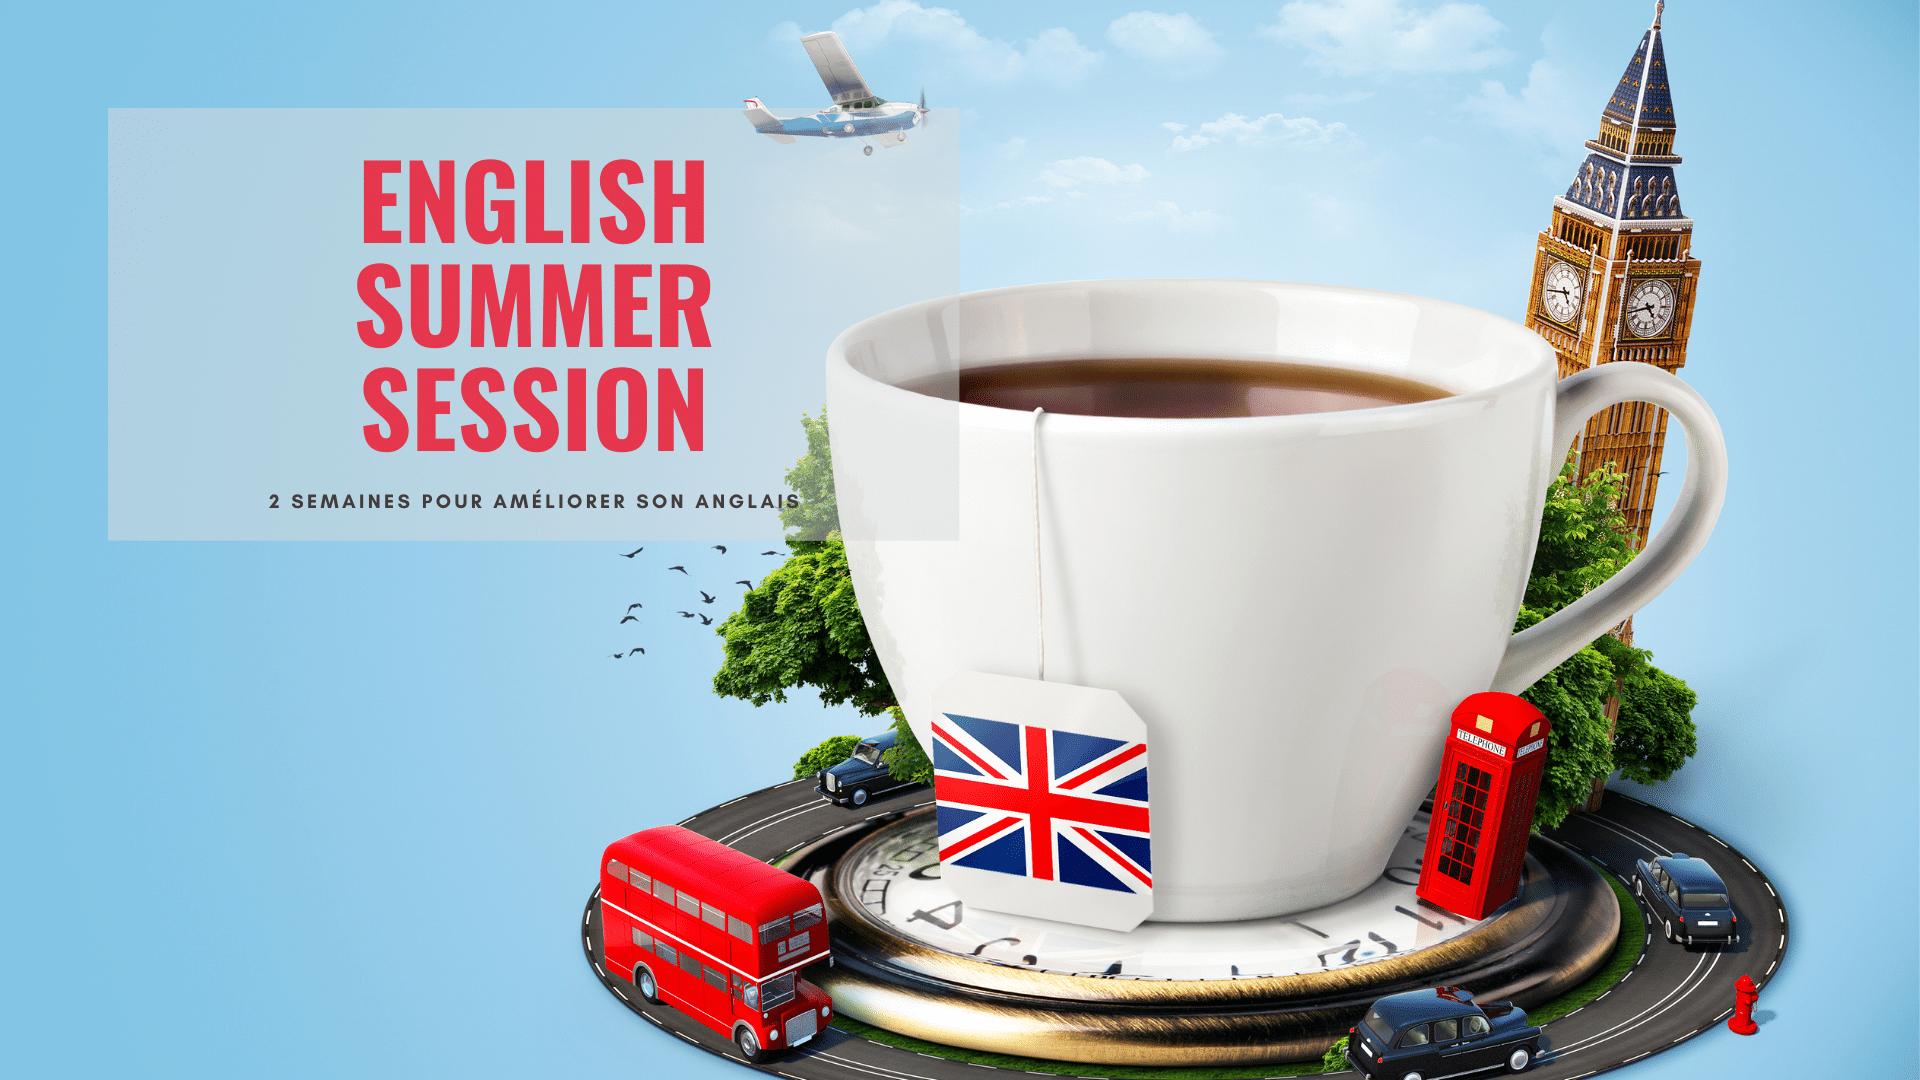 English Summer Session 2021: nouvelle édition 100% digitale !